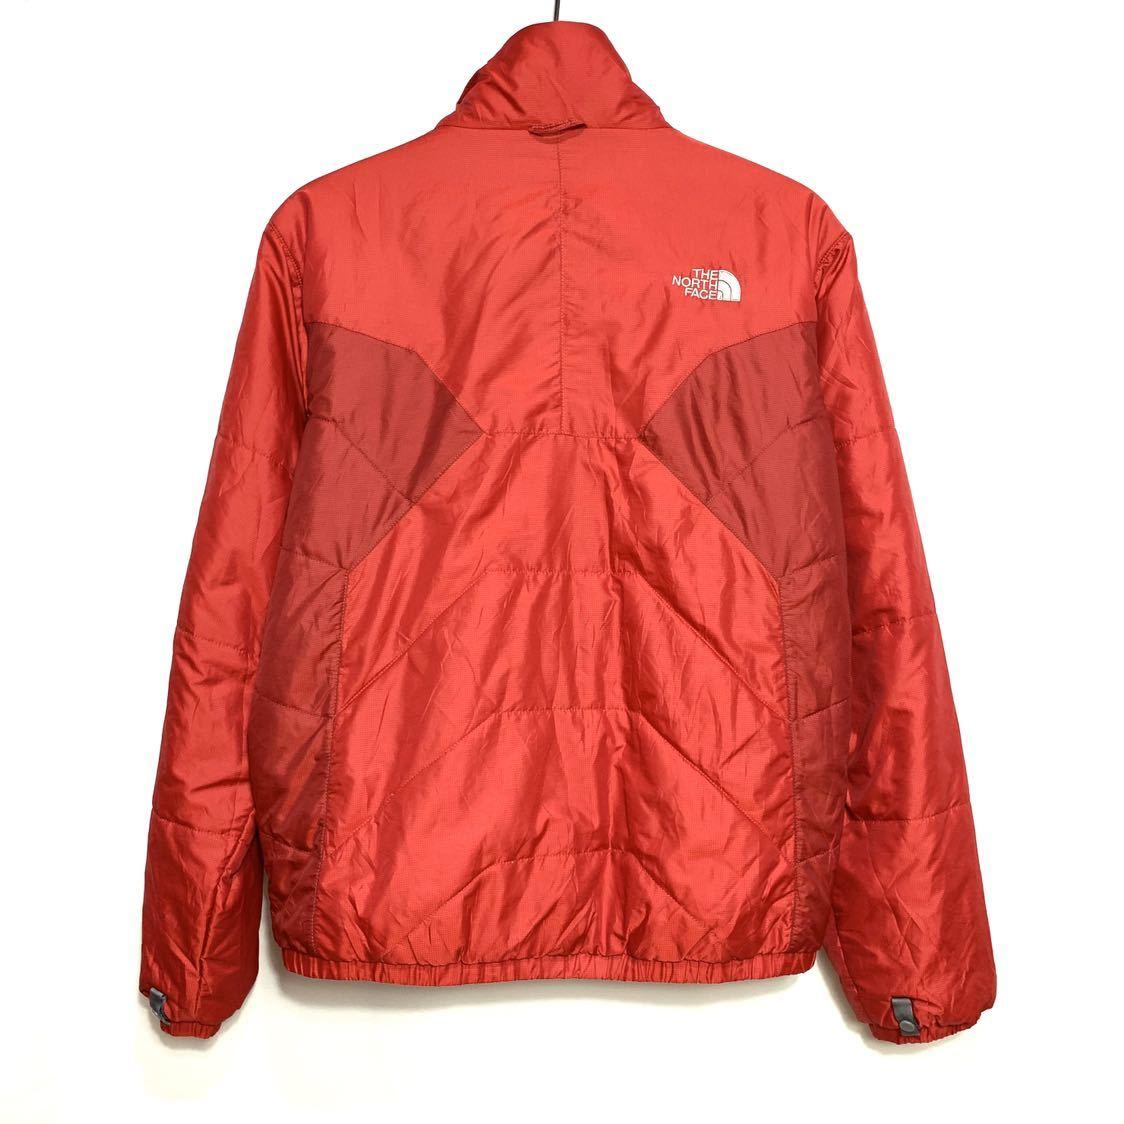 ■THE NORTH FACEノースフェイスナイロン中綿ジャケットサイズS赤レッド古着アウトドア■_画像5